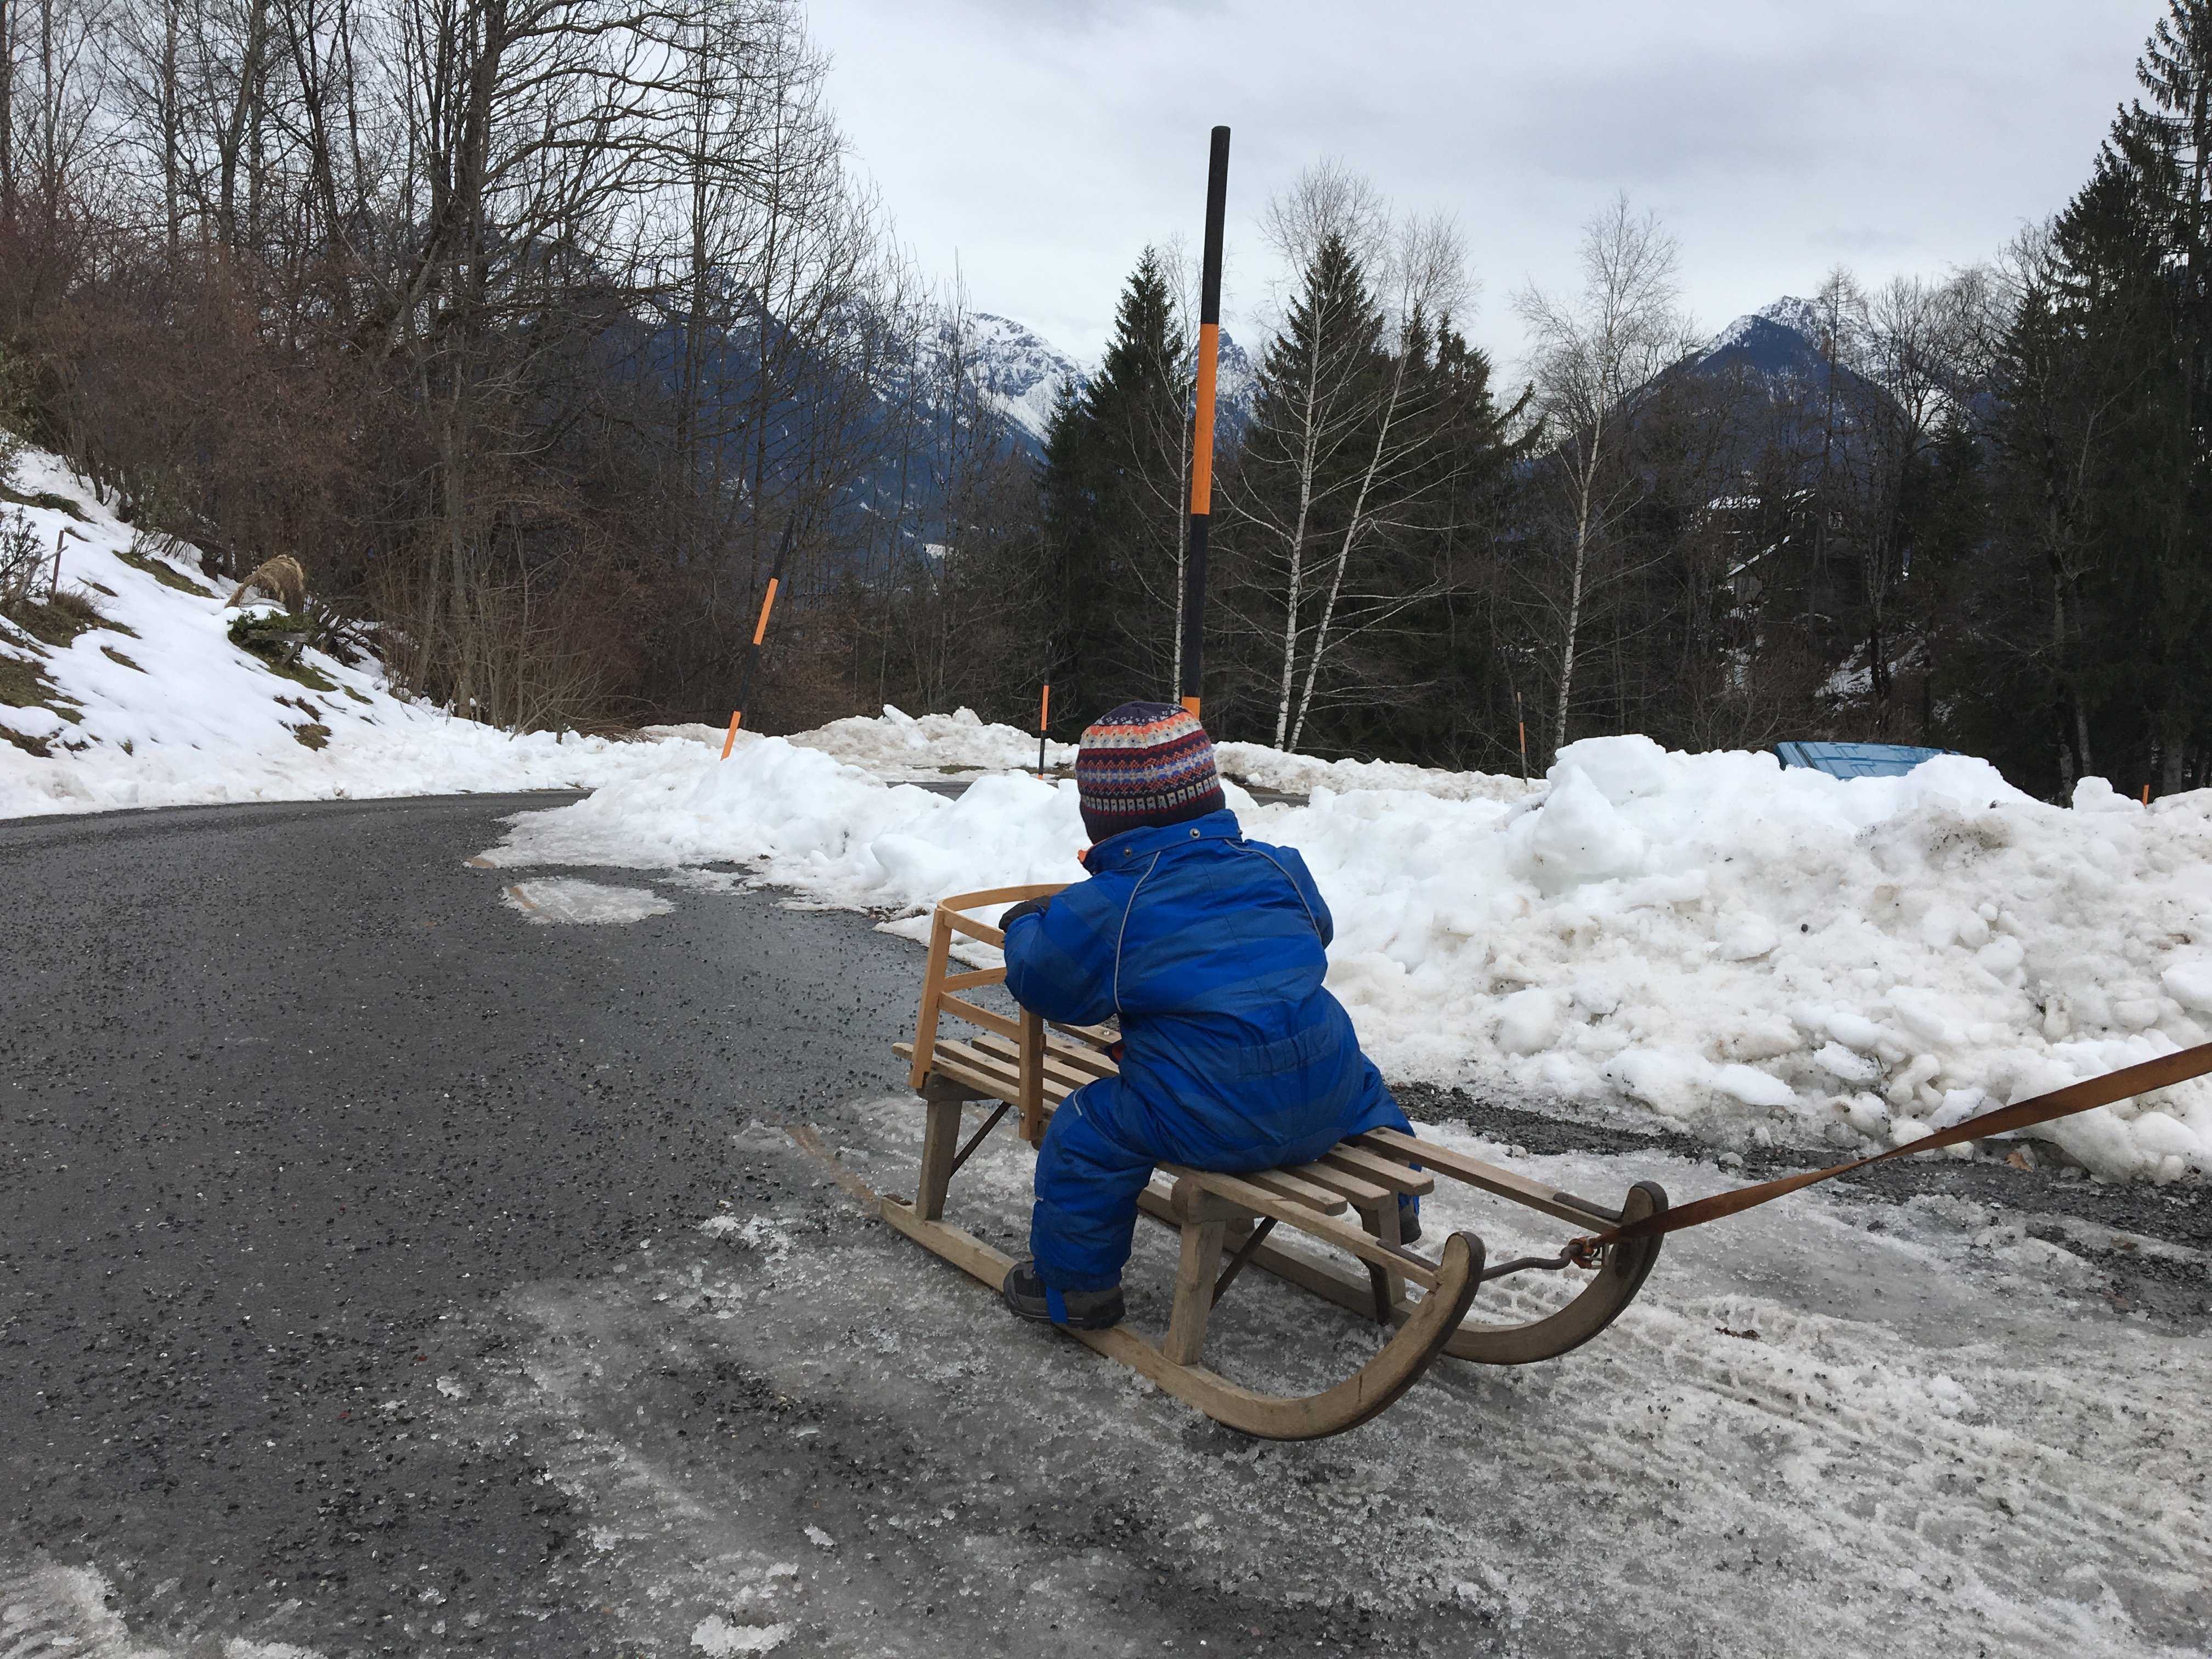 Foto 27.12.17 13 52 28 - Alpencamping Nenzing – Ein Campingplatz der Luxusklasse